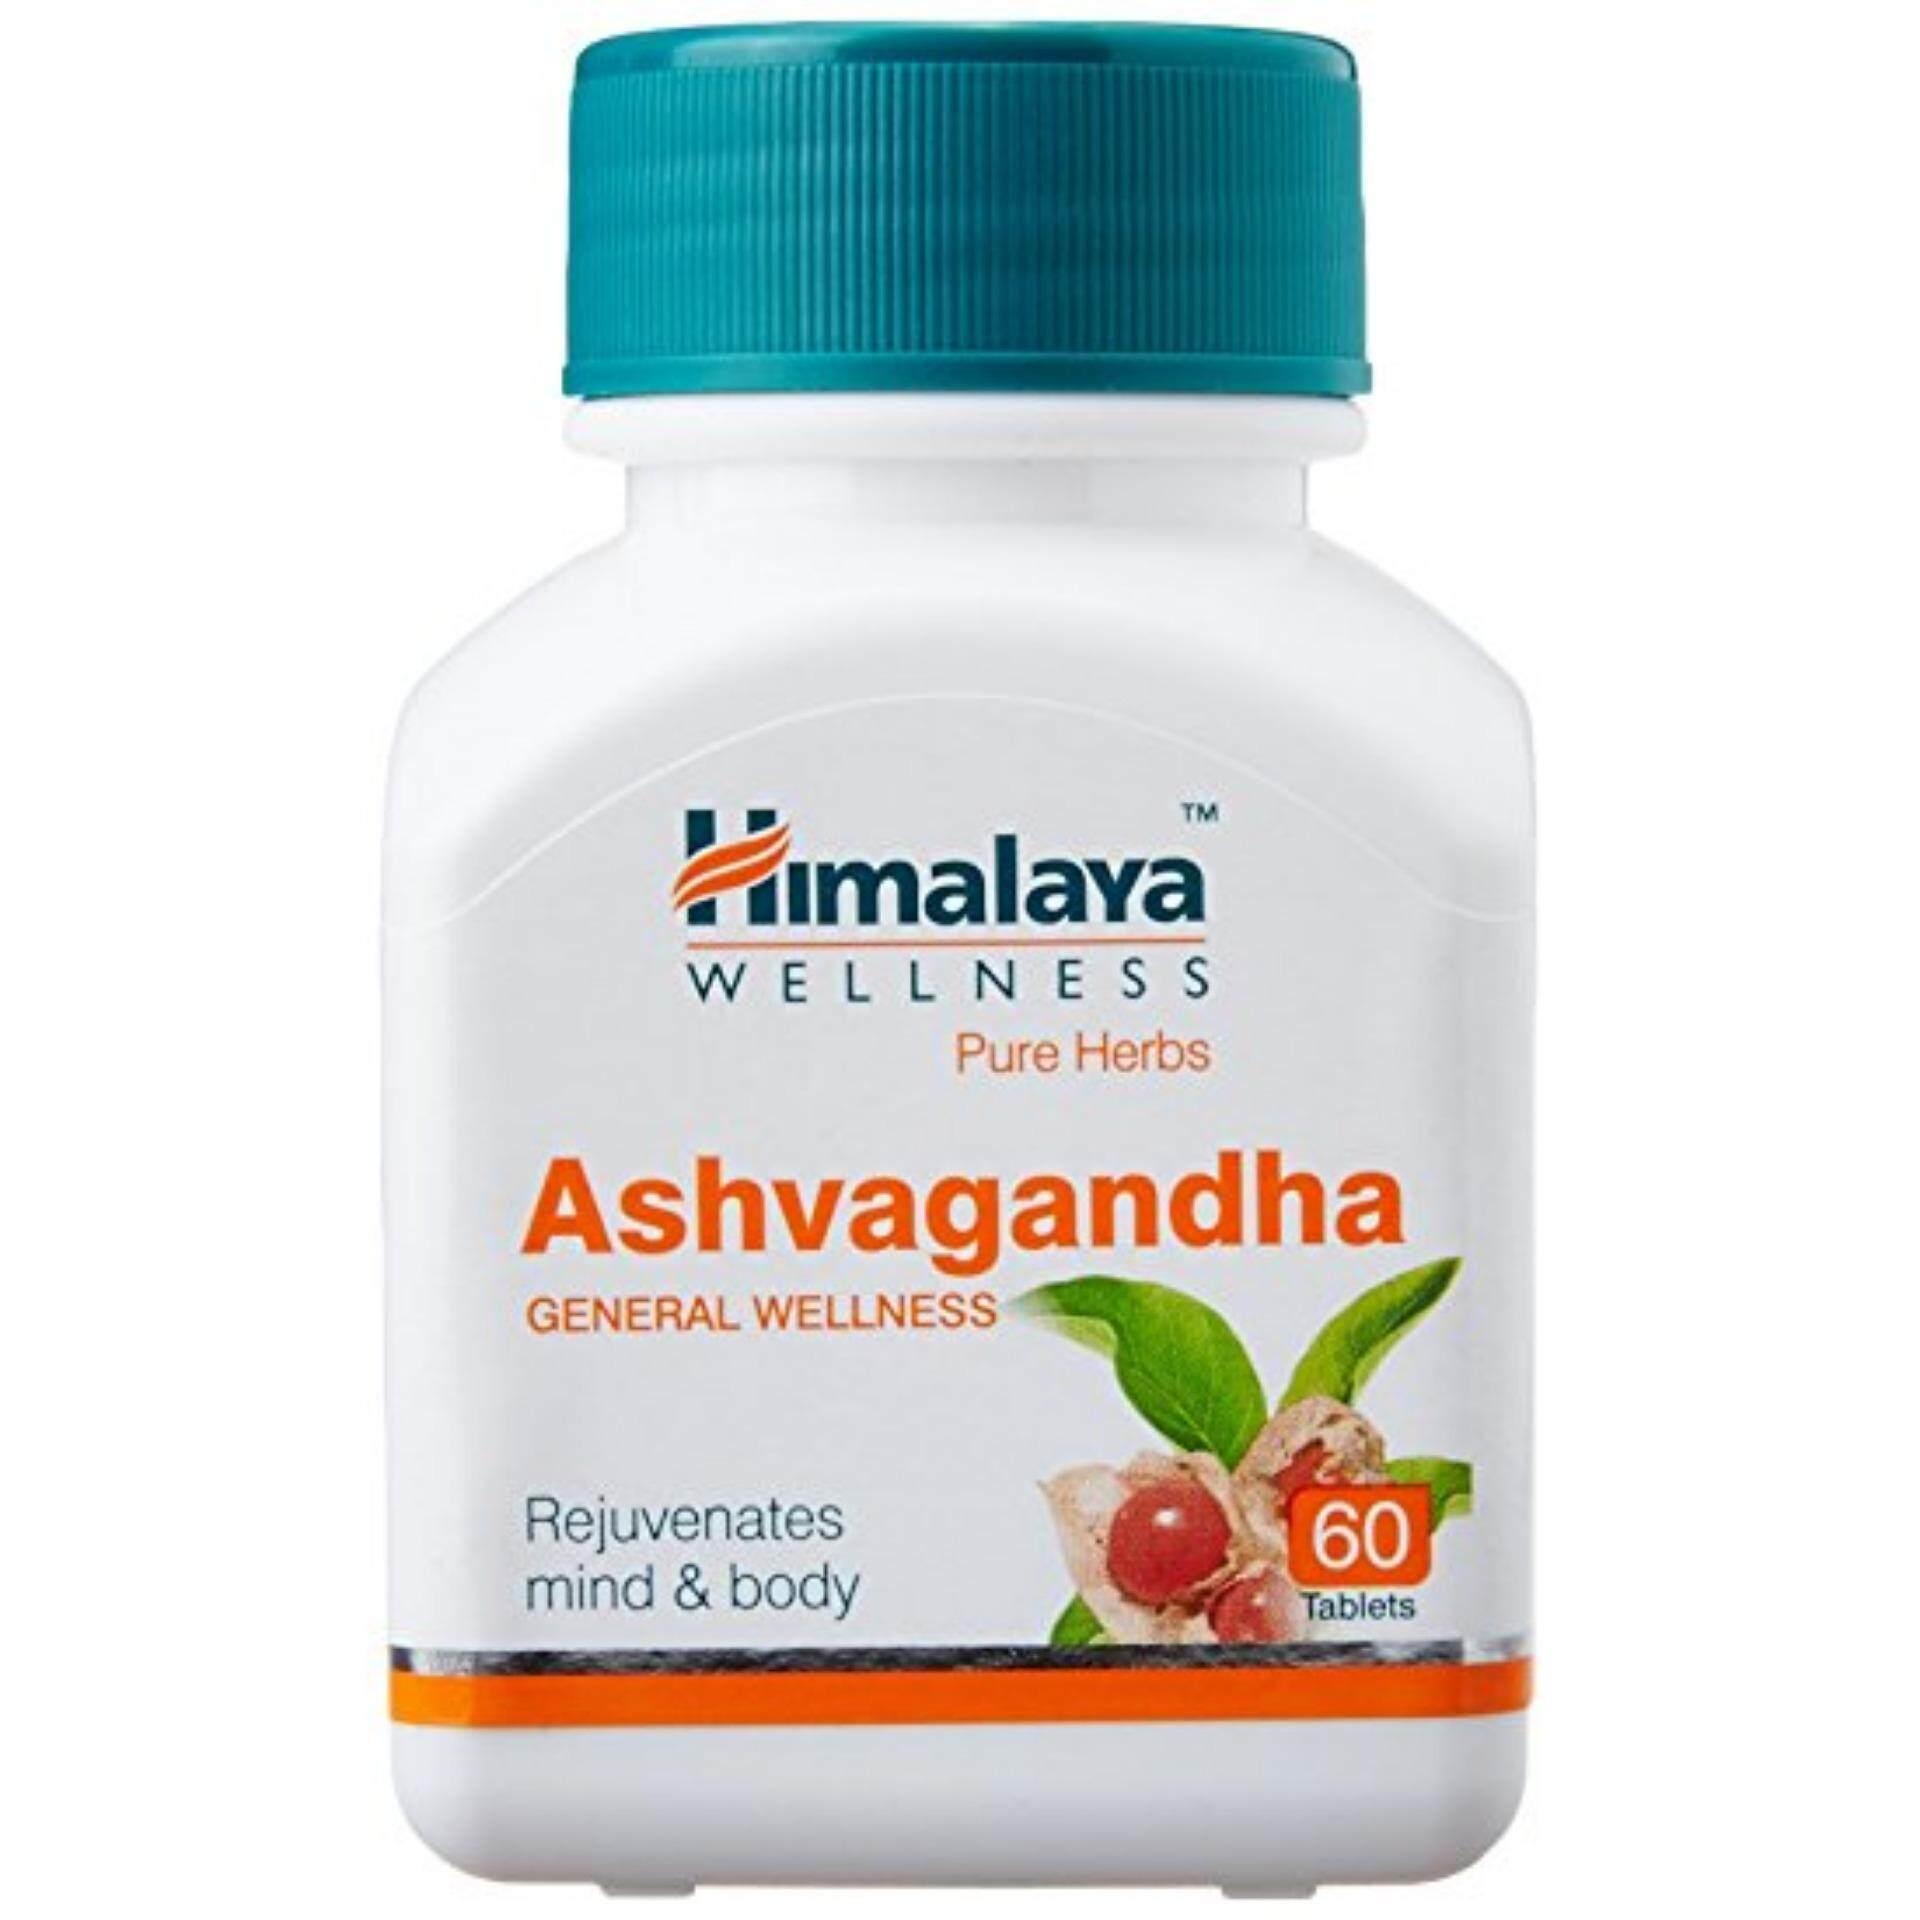 BEST PRICE himalaya ashvagandha tablet - 60s